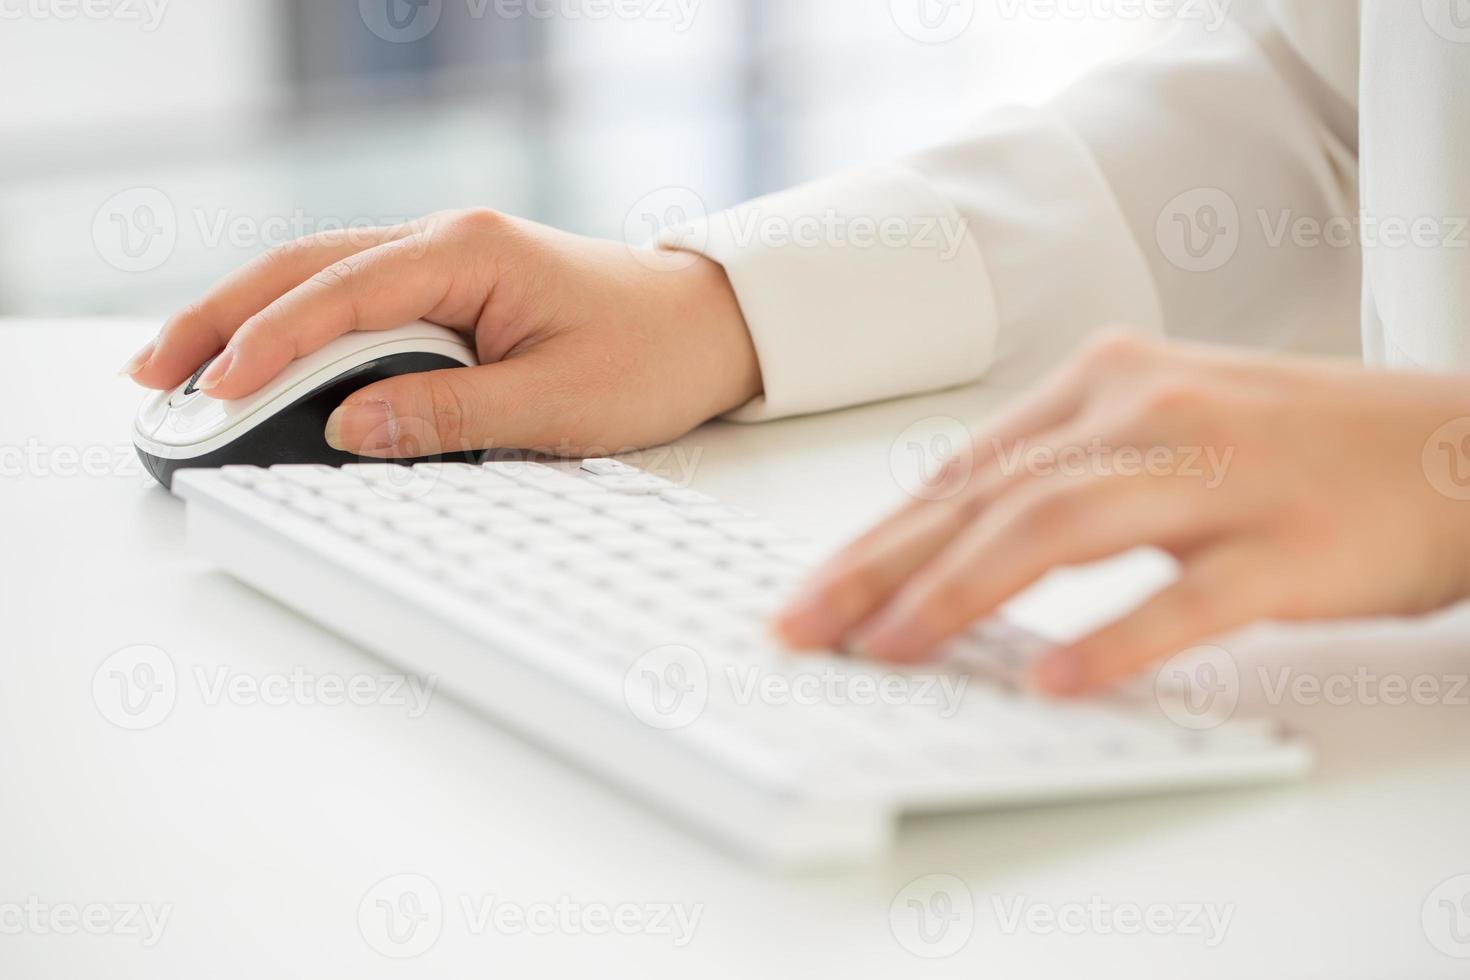 Hände einer Bürofrau, die Tastatur mit Kreditkarte tippt foto